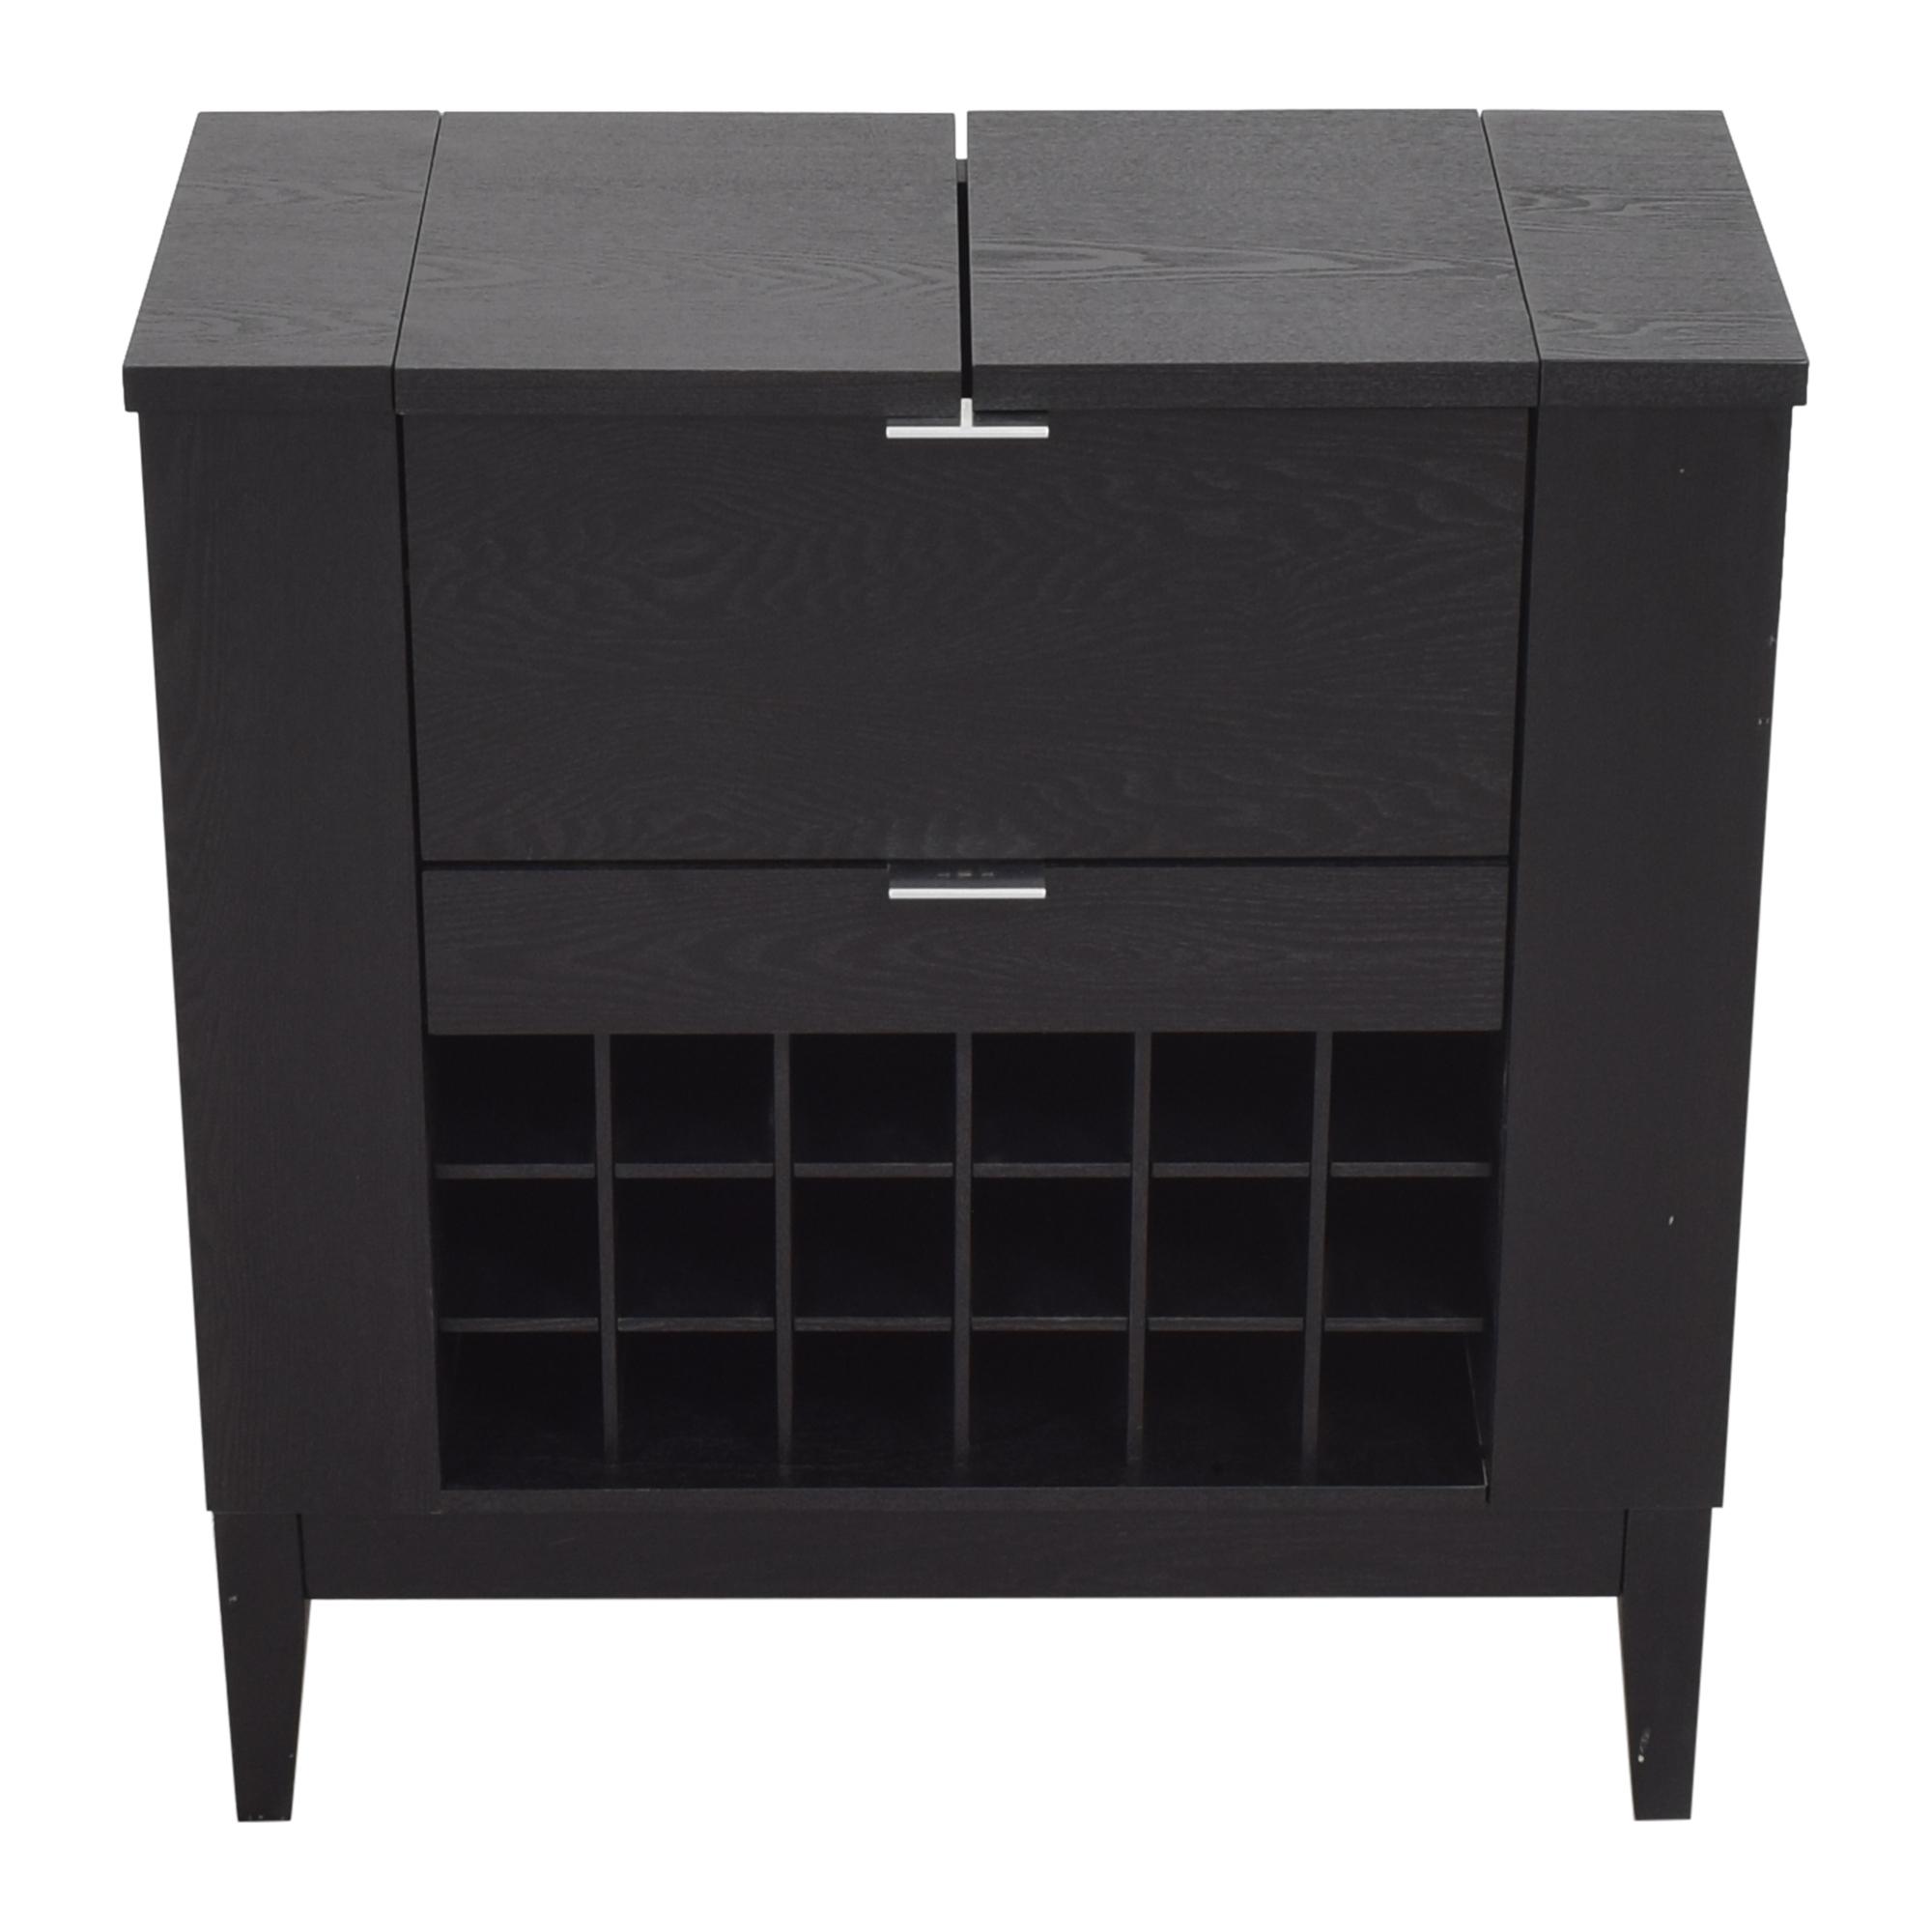 buy Crate & Barrel Parker Spirits Bourbon Cabinet Crate & Barrel Cabinets & Sideboards